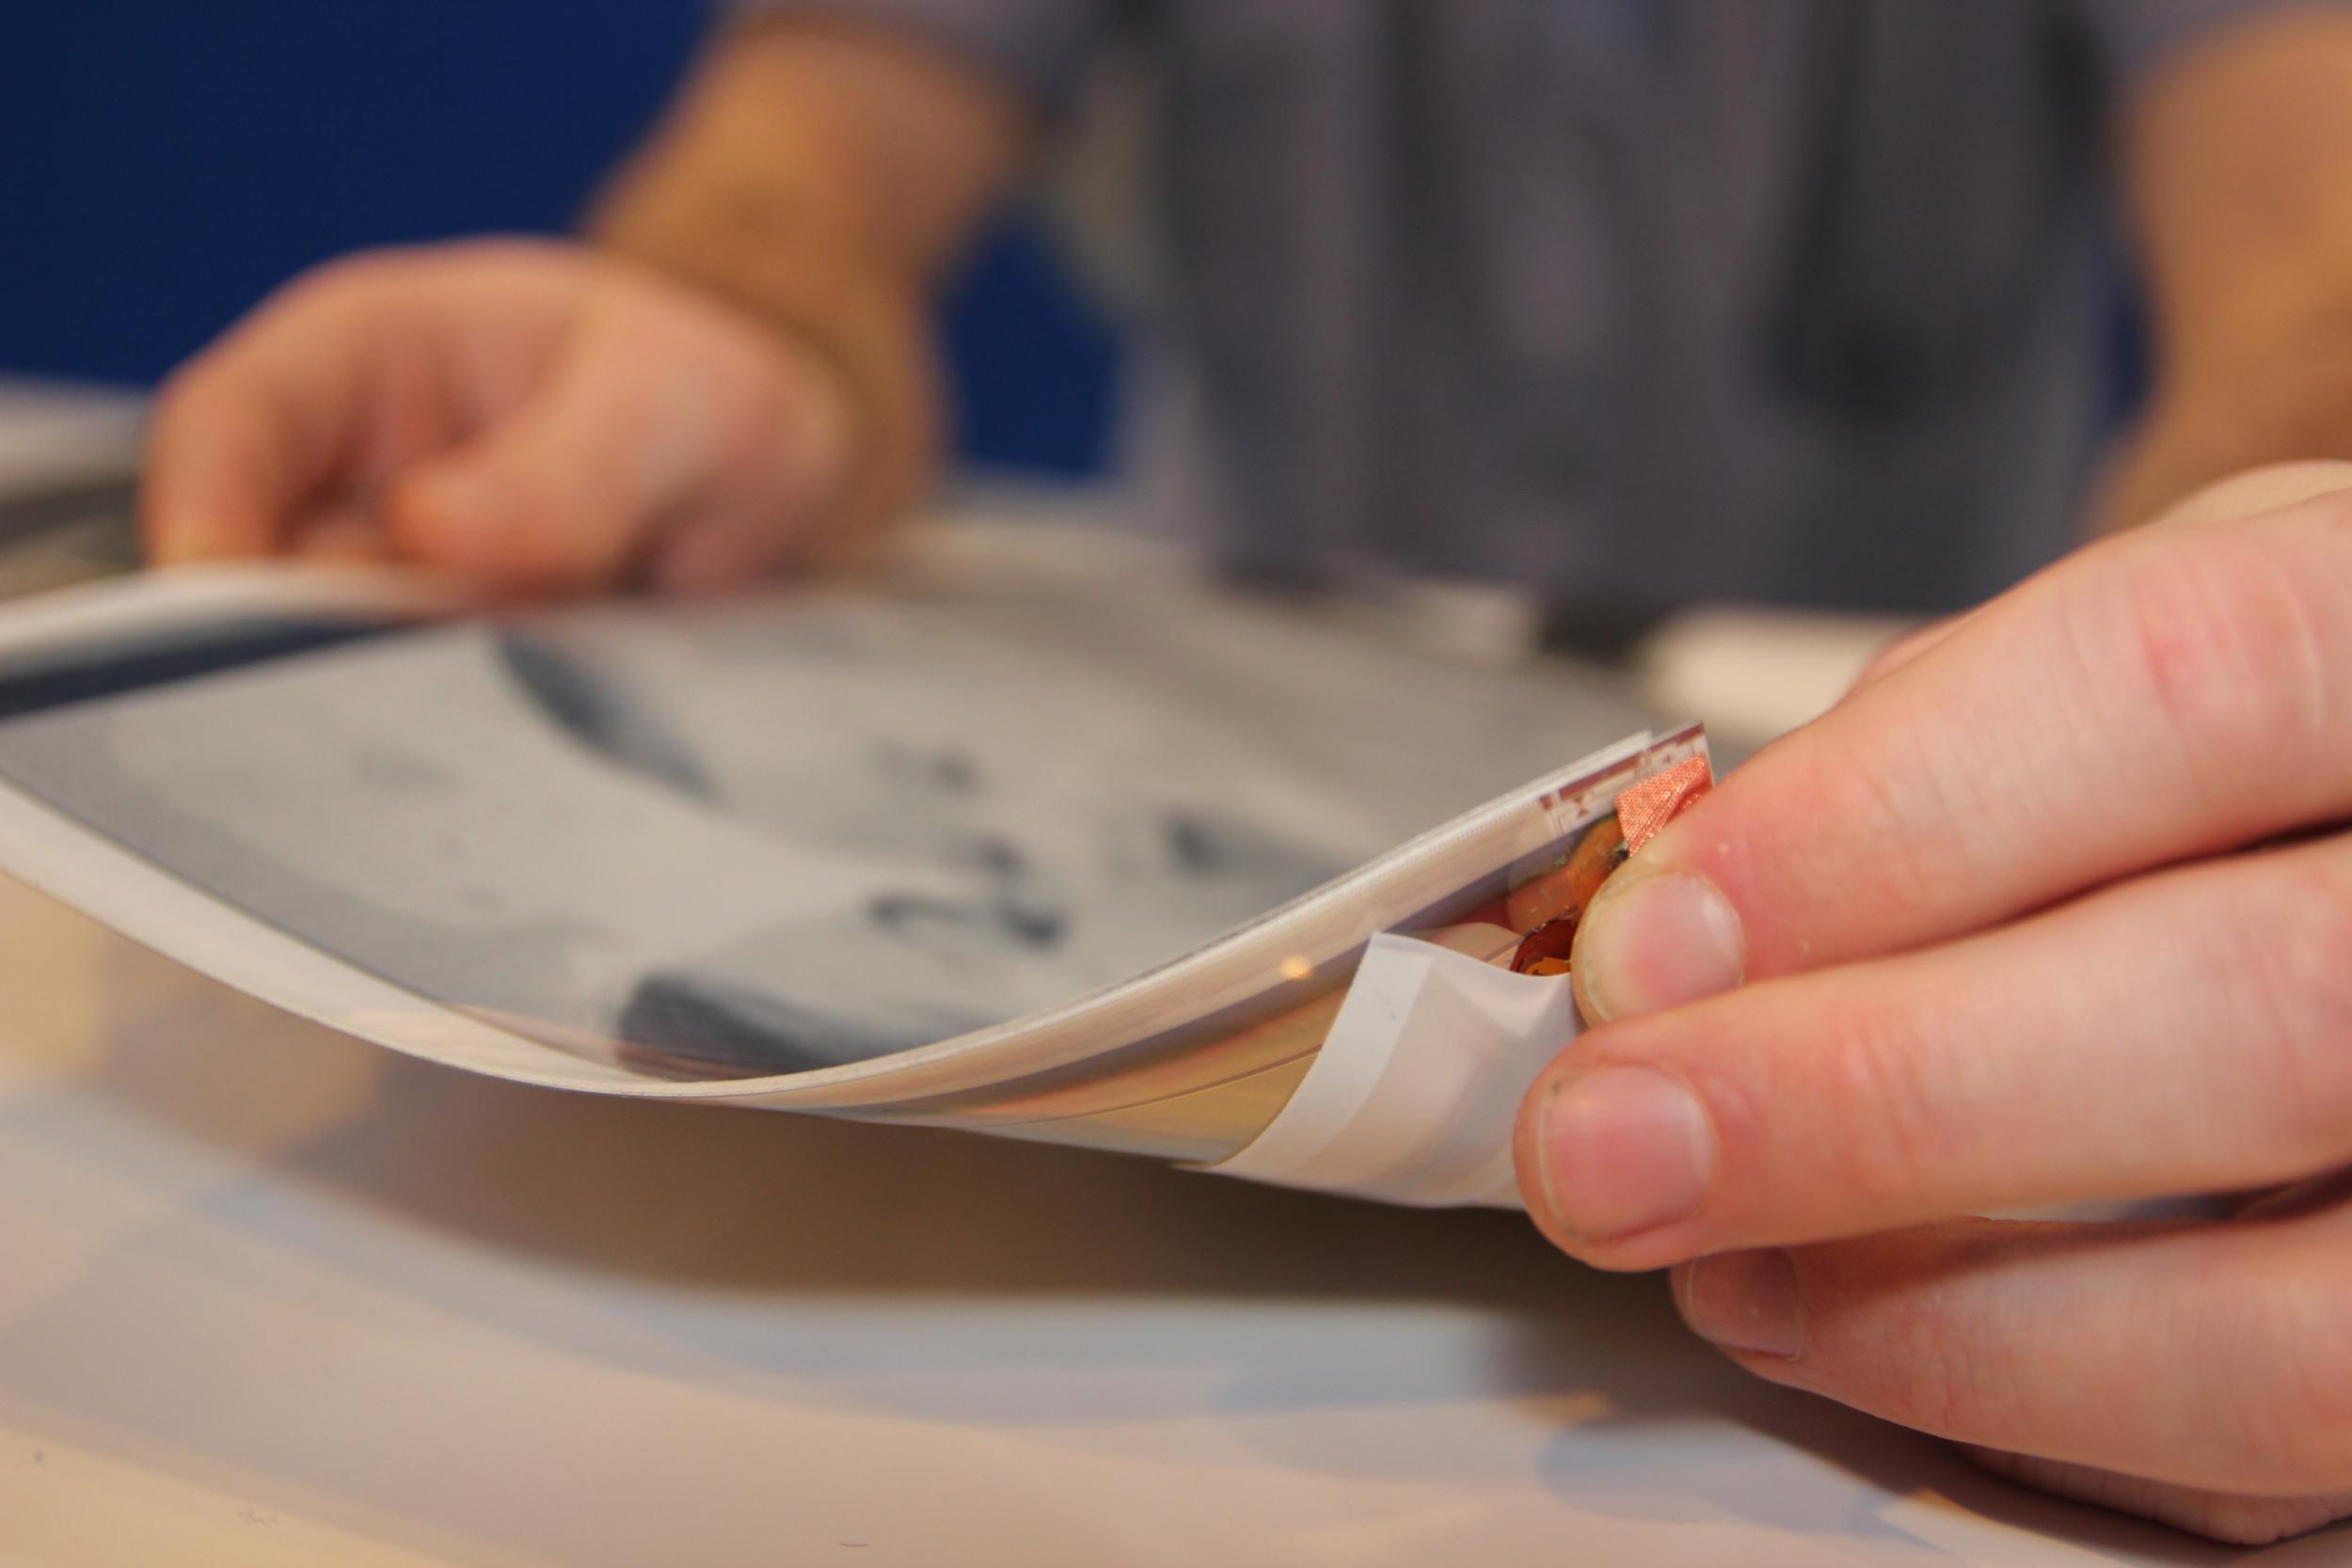 papertab (2012): top corner bend gesture to page or scroll